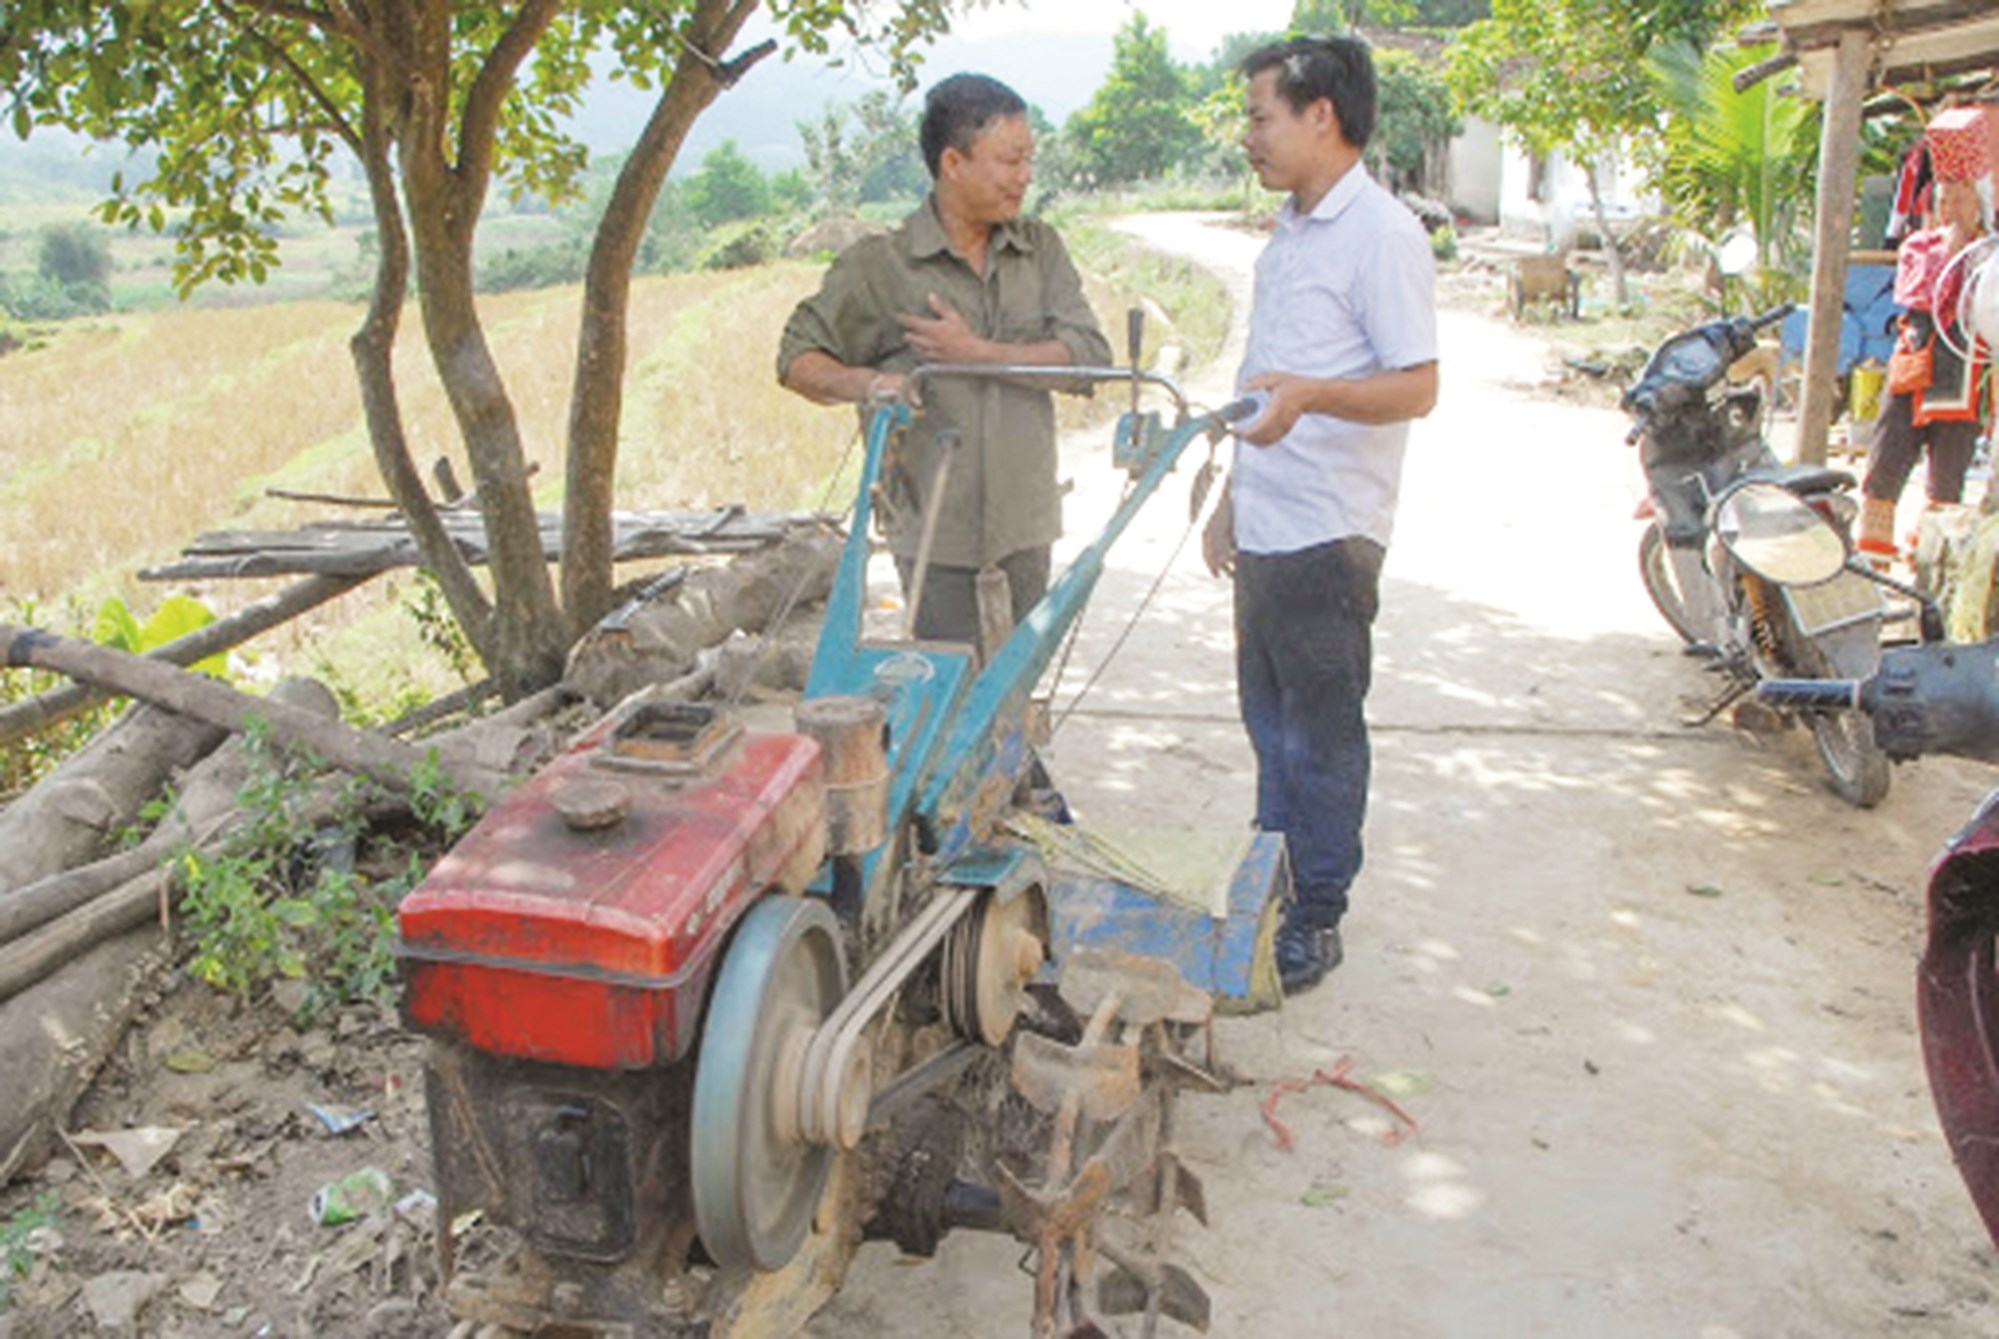 Cán bộ xã Quảng Phong (Hải Hà) trao máy cày hỗ trợ cho người dân, phục vụ cơ giới hóa sản xuất nông nghiệp.